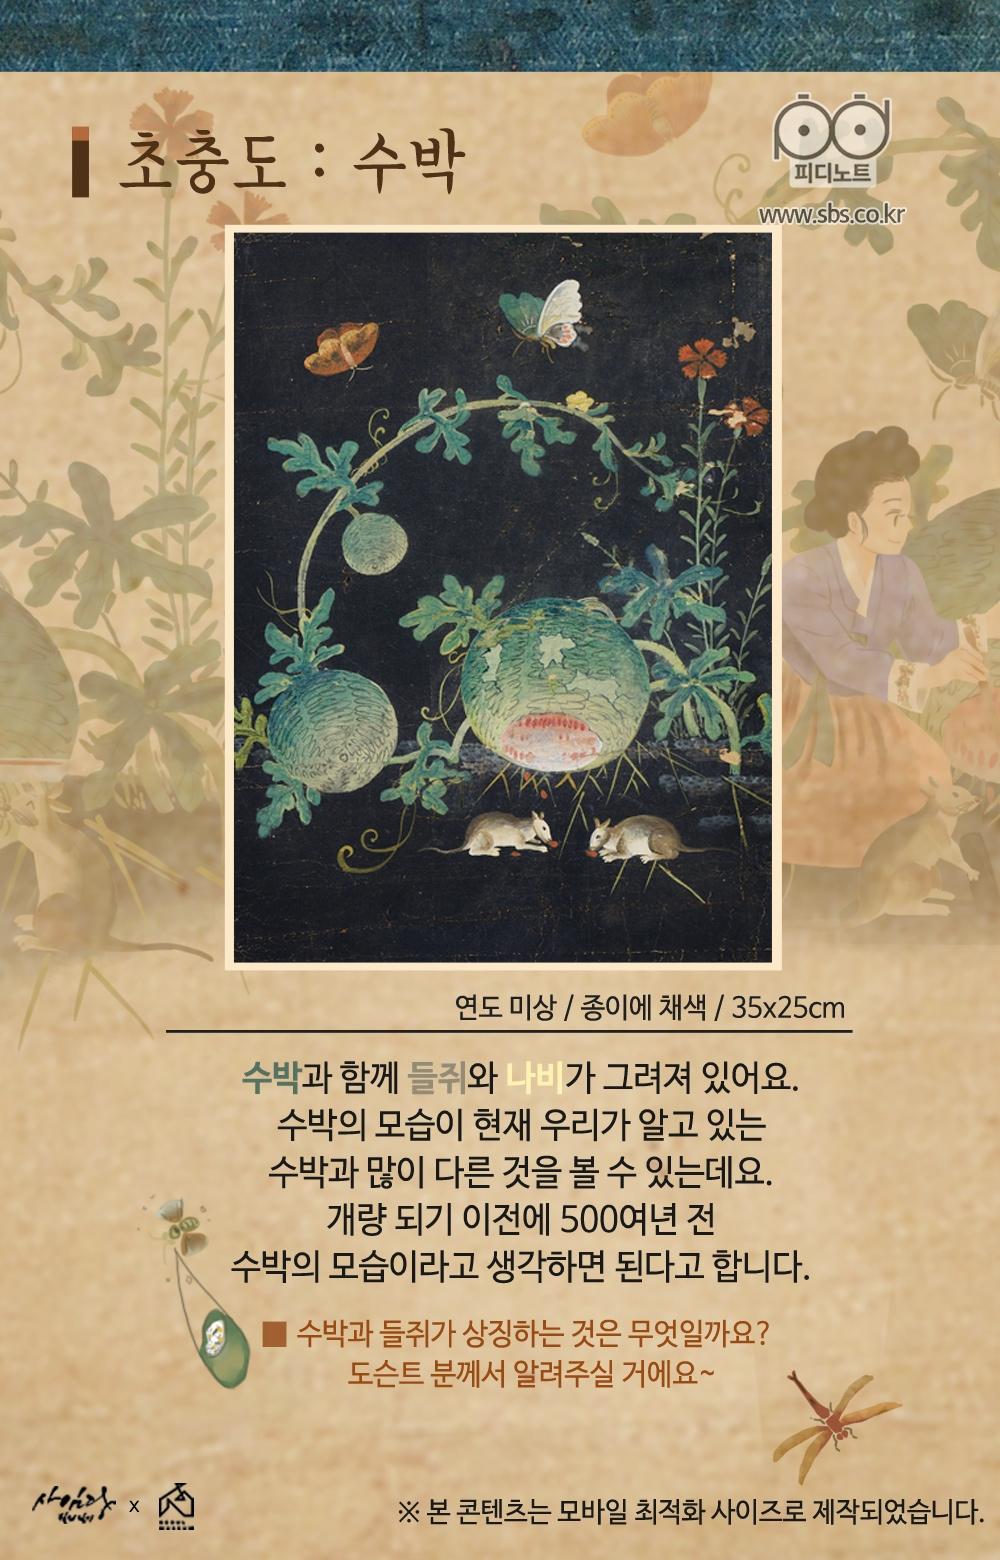 초충도(수박), 수박과 함께 들쥐와 나비가 그려져 있어요, 작품 속 수박은 500여년 전 수박의 모습이라고 생각하면 된다고 합니다.